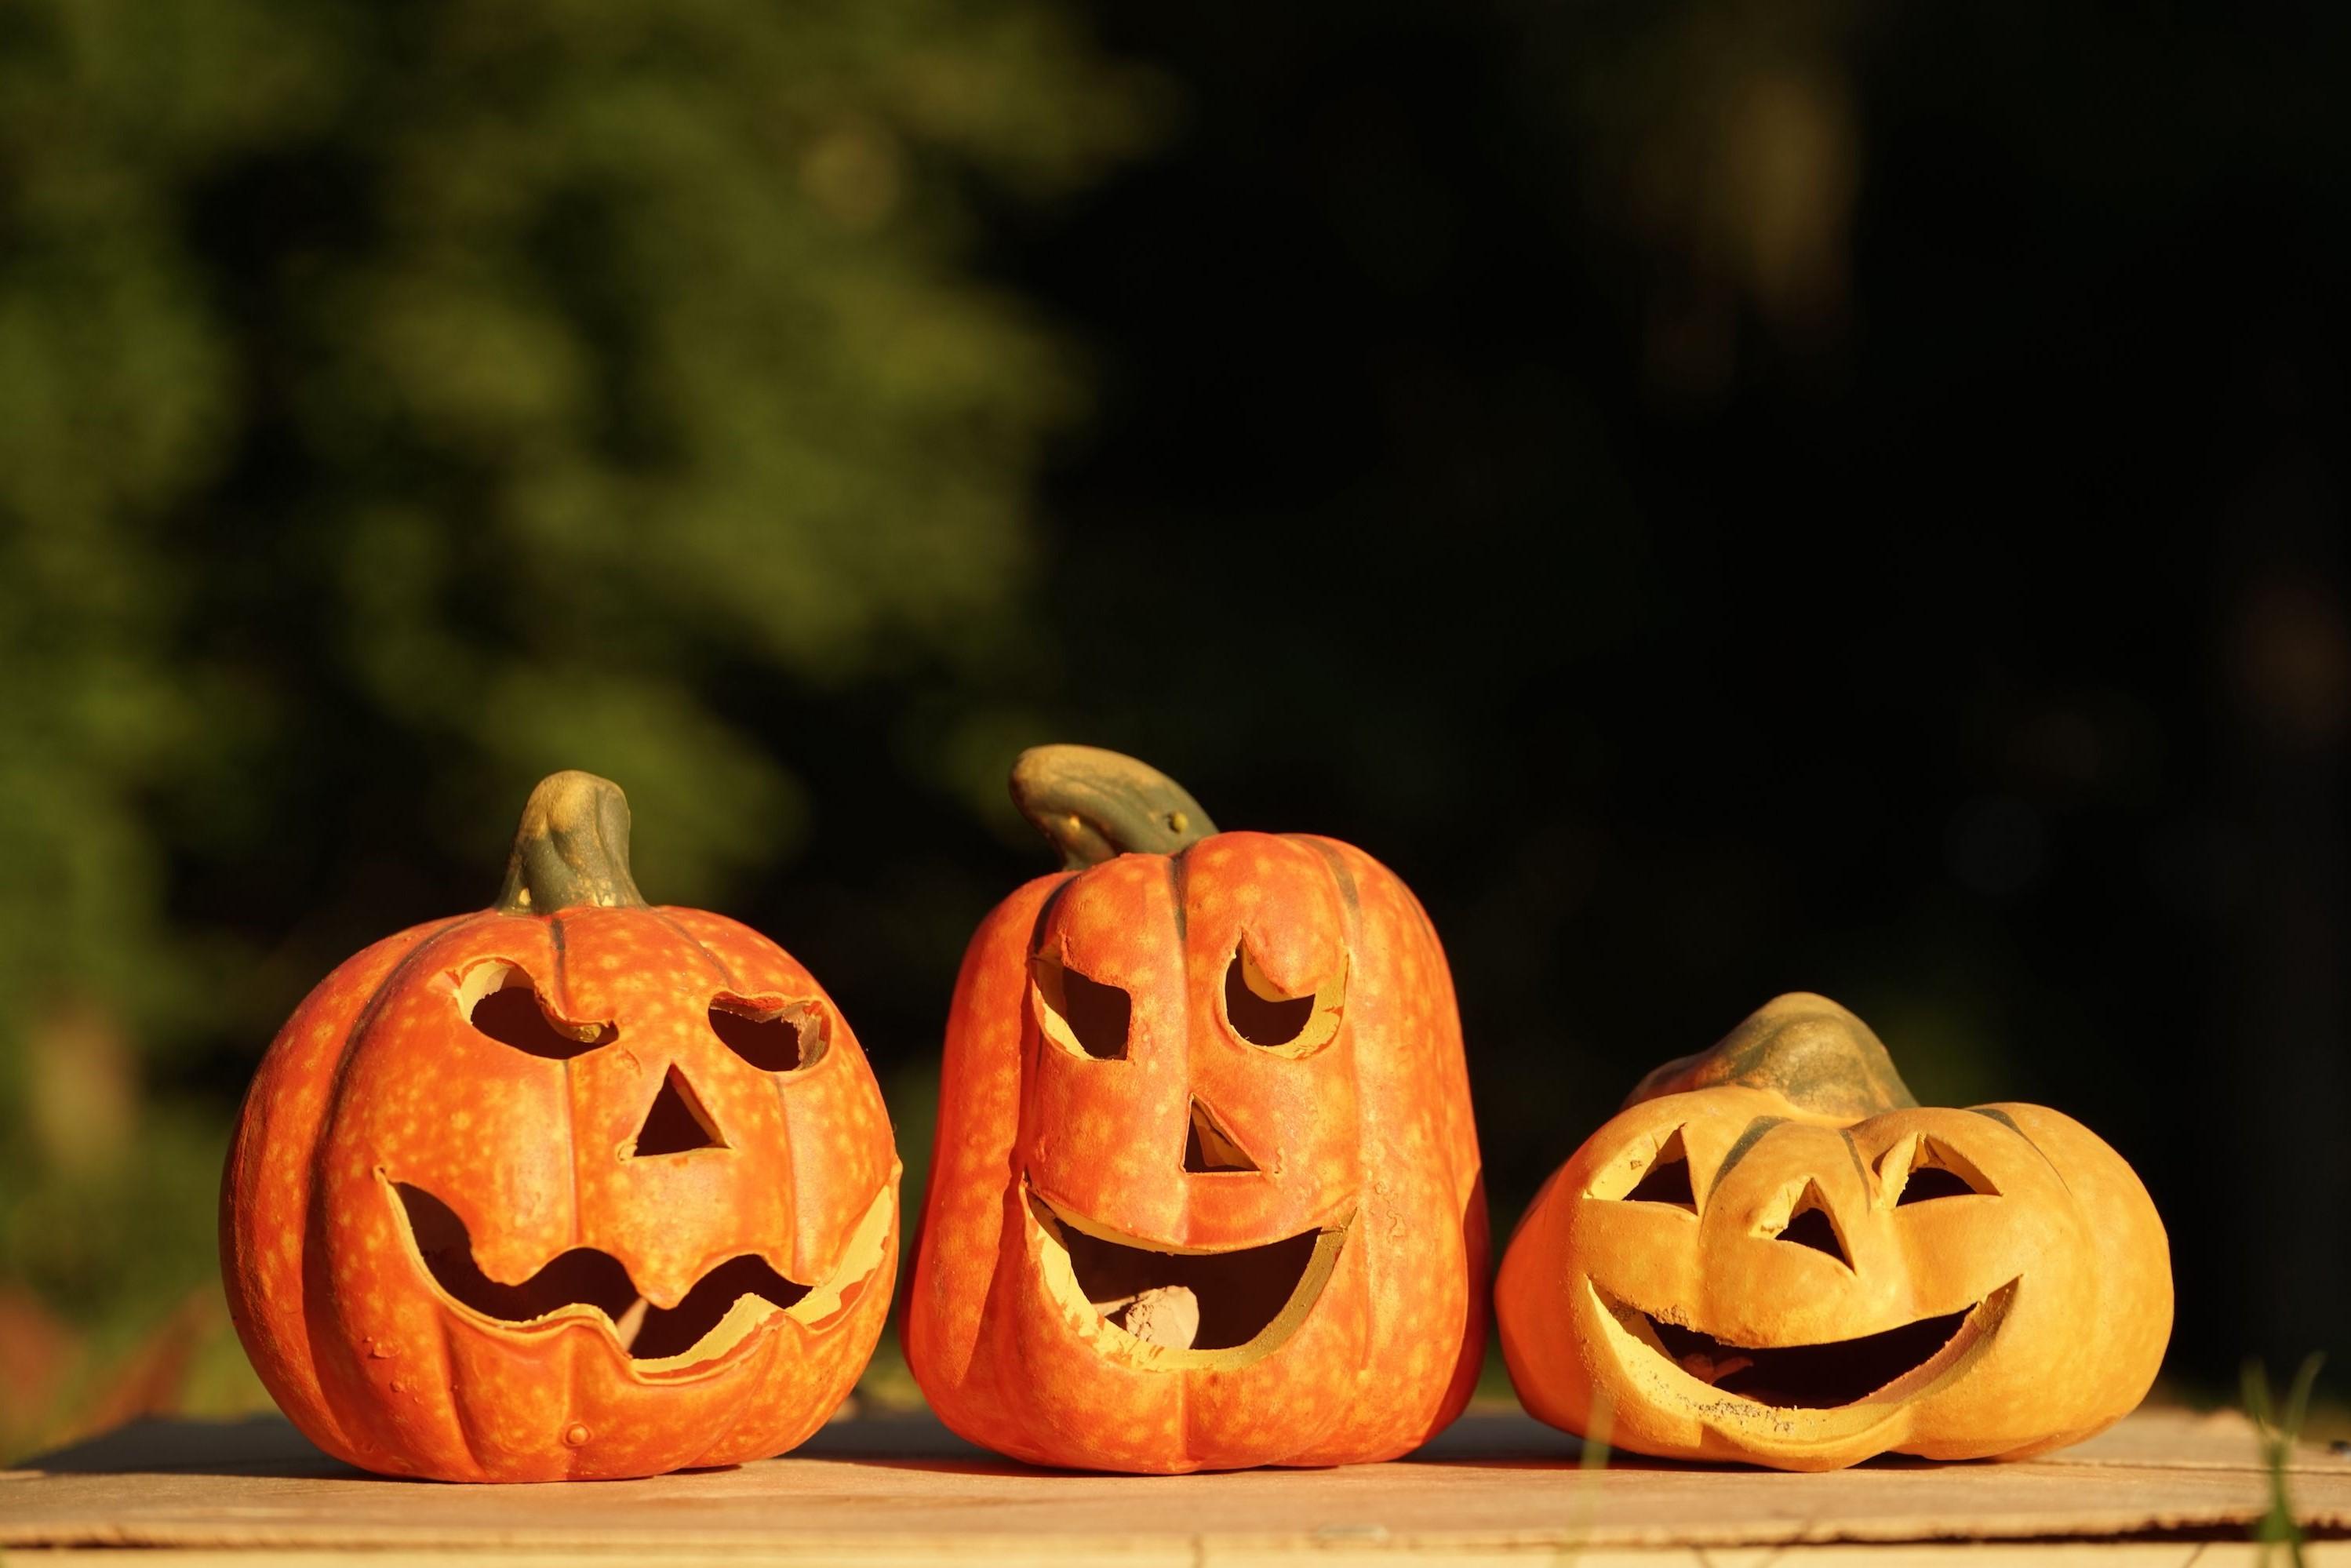 Et maintenant, voici quelques façons de conserver une citrouille à découper utilisée pour la décoration d'Halloween à fabriquer.